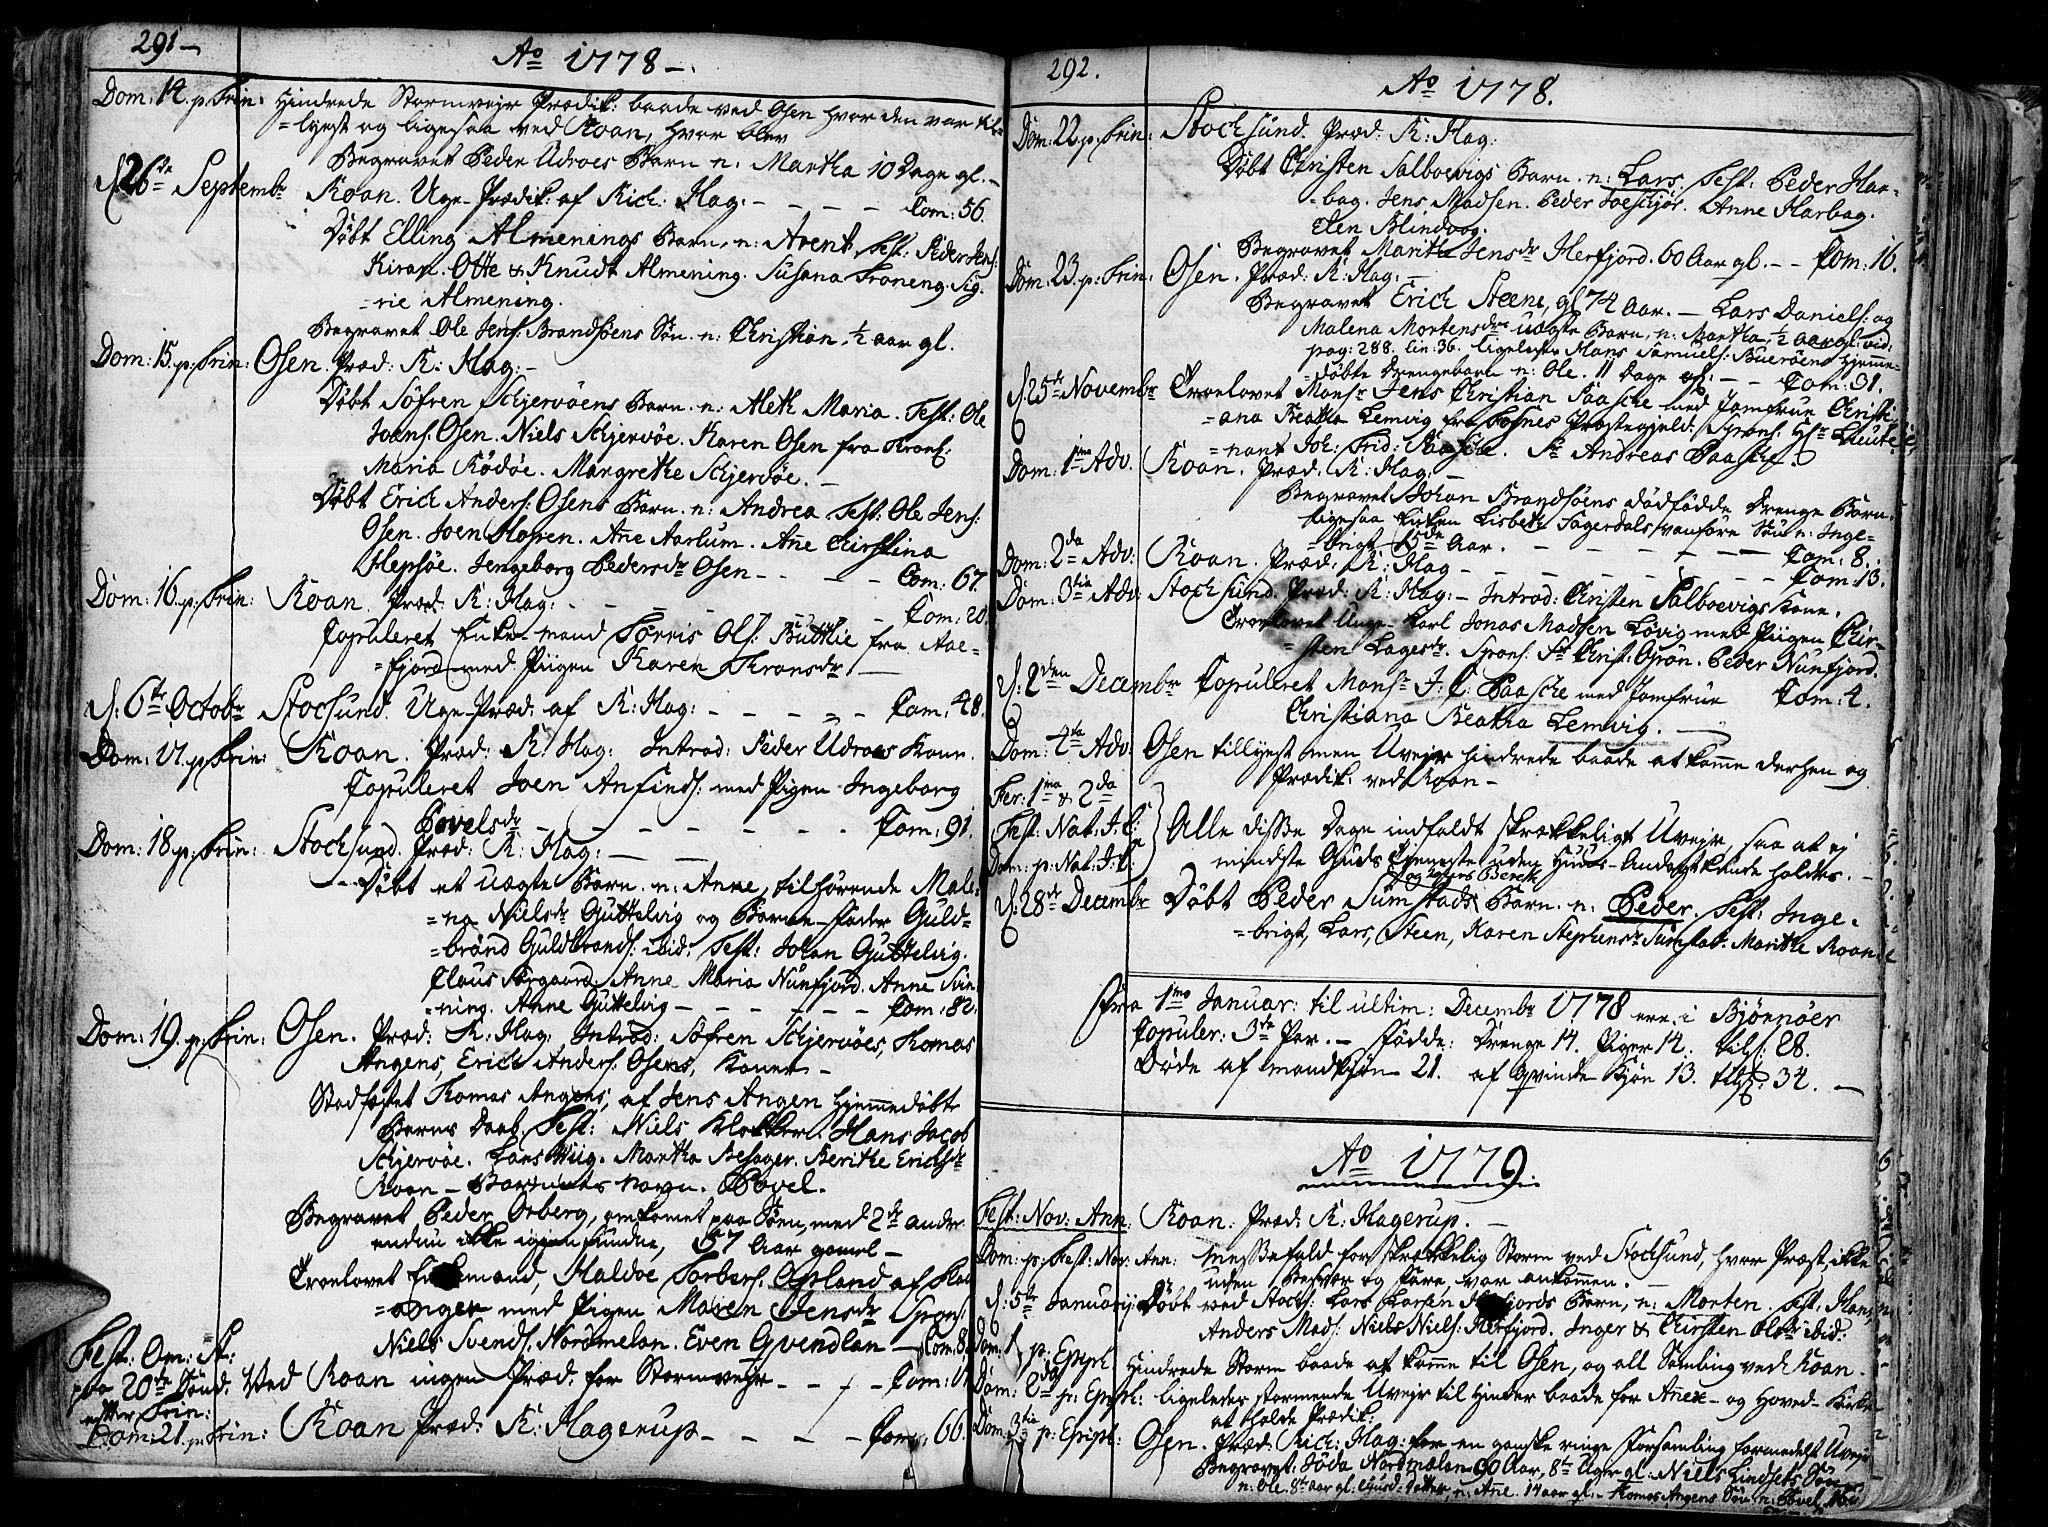 SAT, Ministerialprotokoller, klokkerbøker og fødselsregistre - Sør-Trøndelag, 657/L0700: Ministerialbok nr. 657A01, 1732-1801, s. 291-292